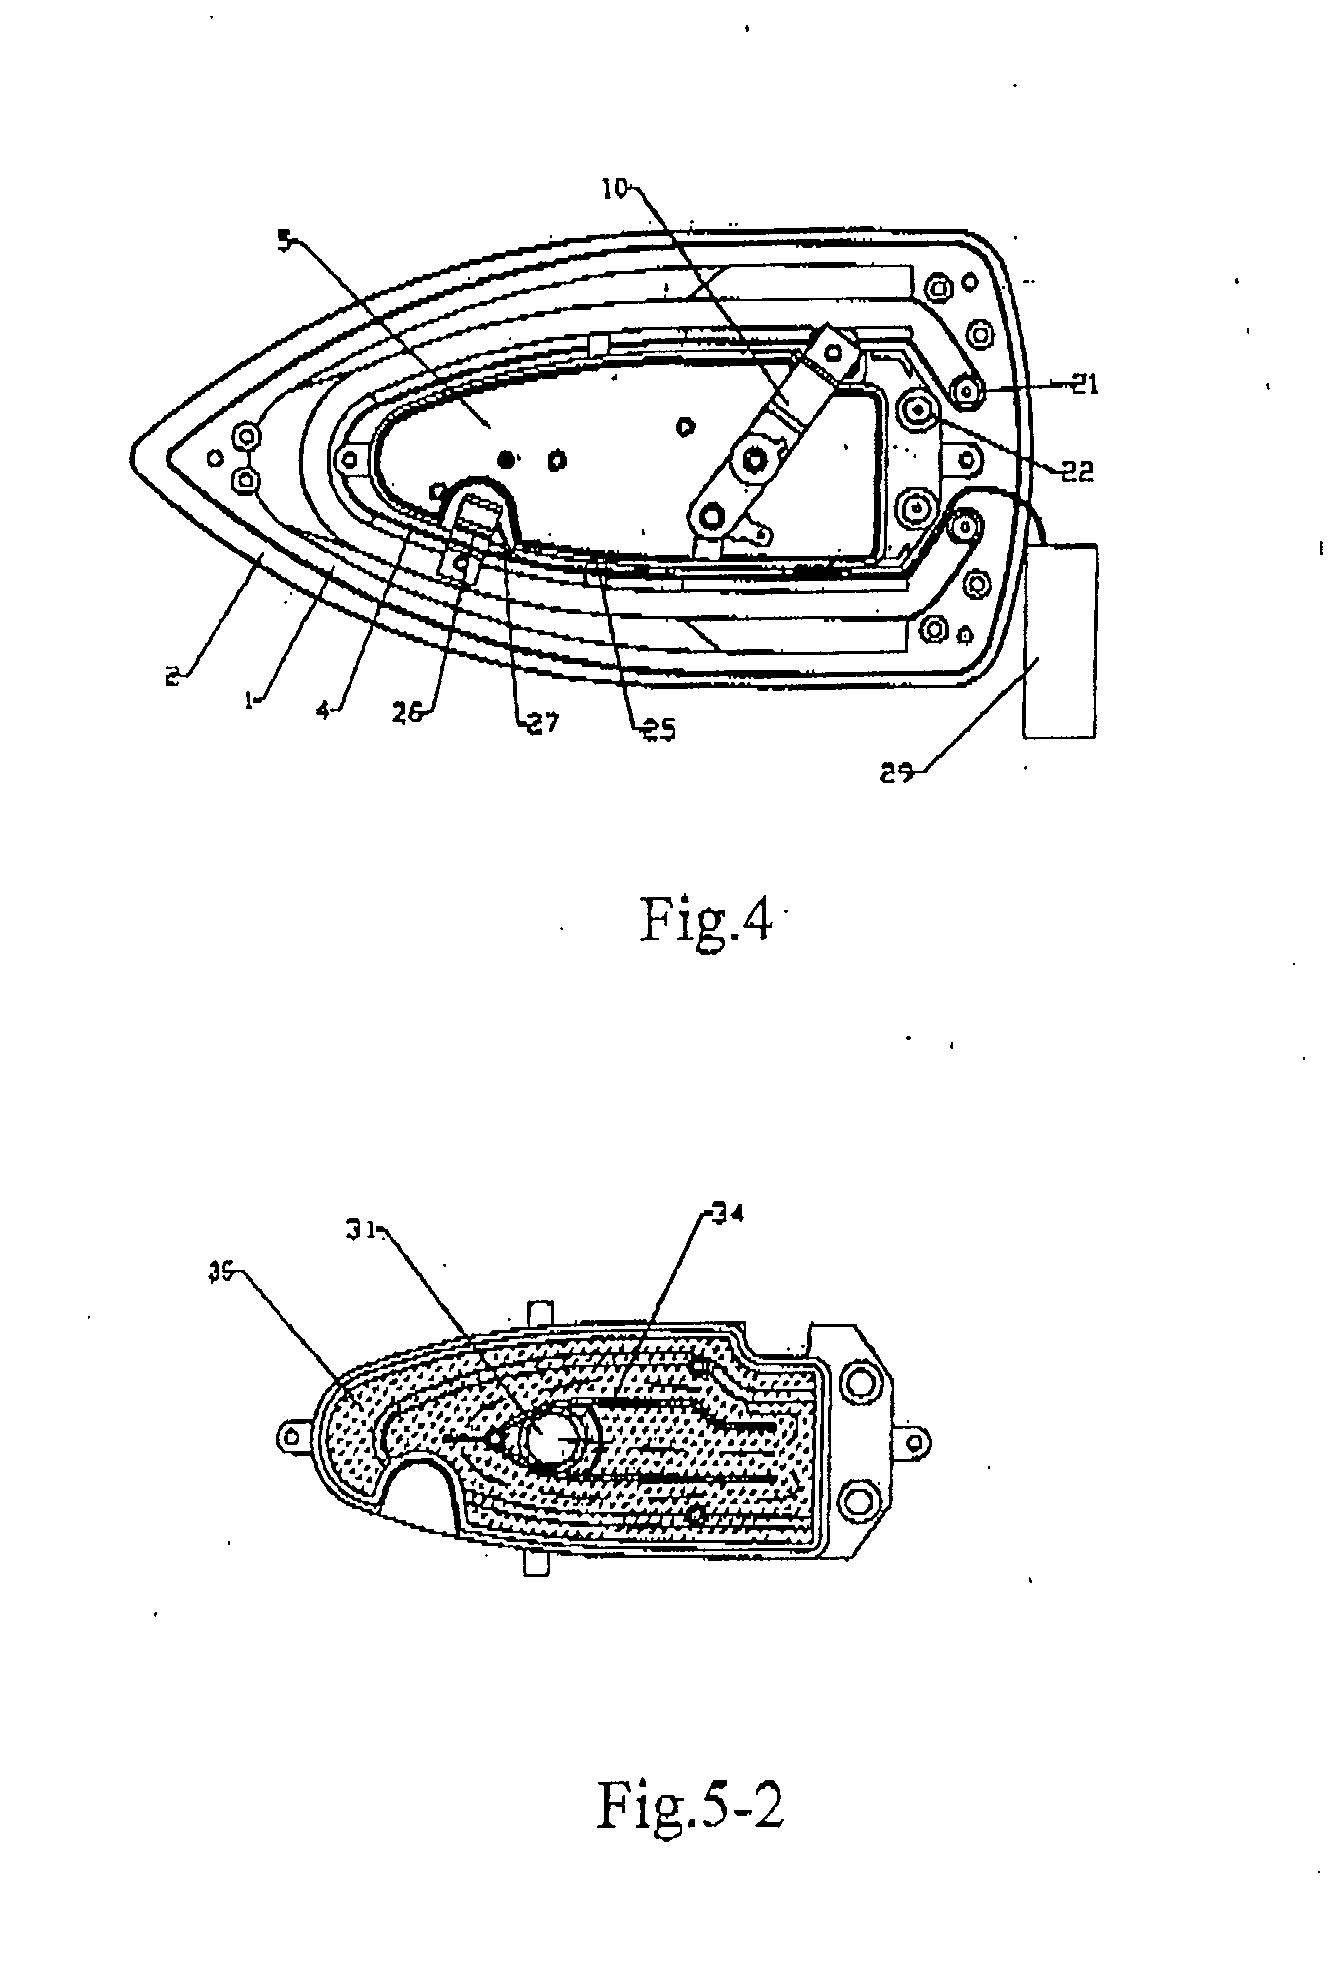 Electric Iron Wiring Diagram Pdf